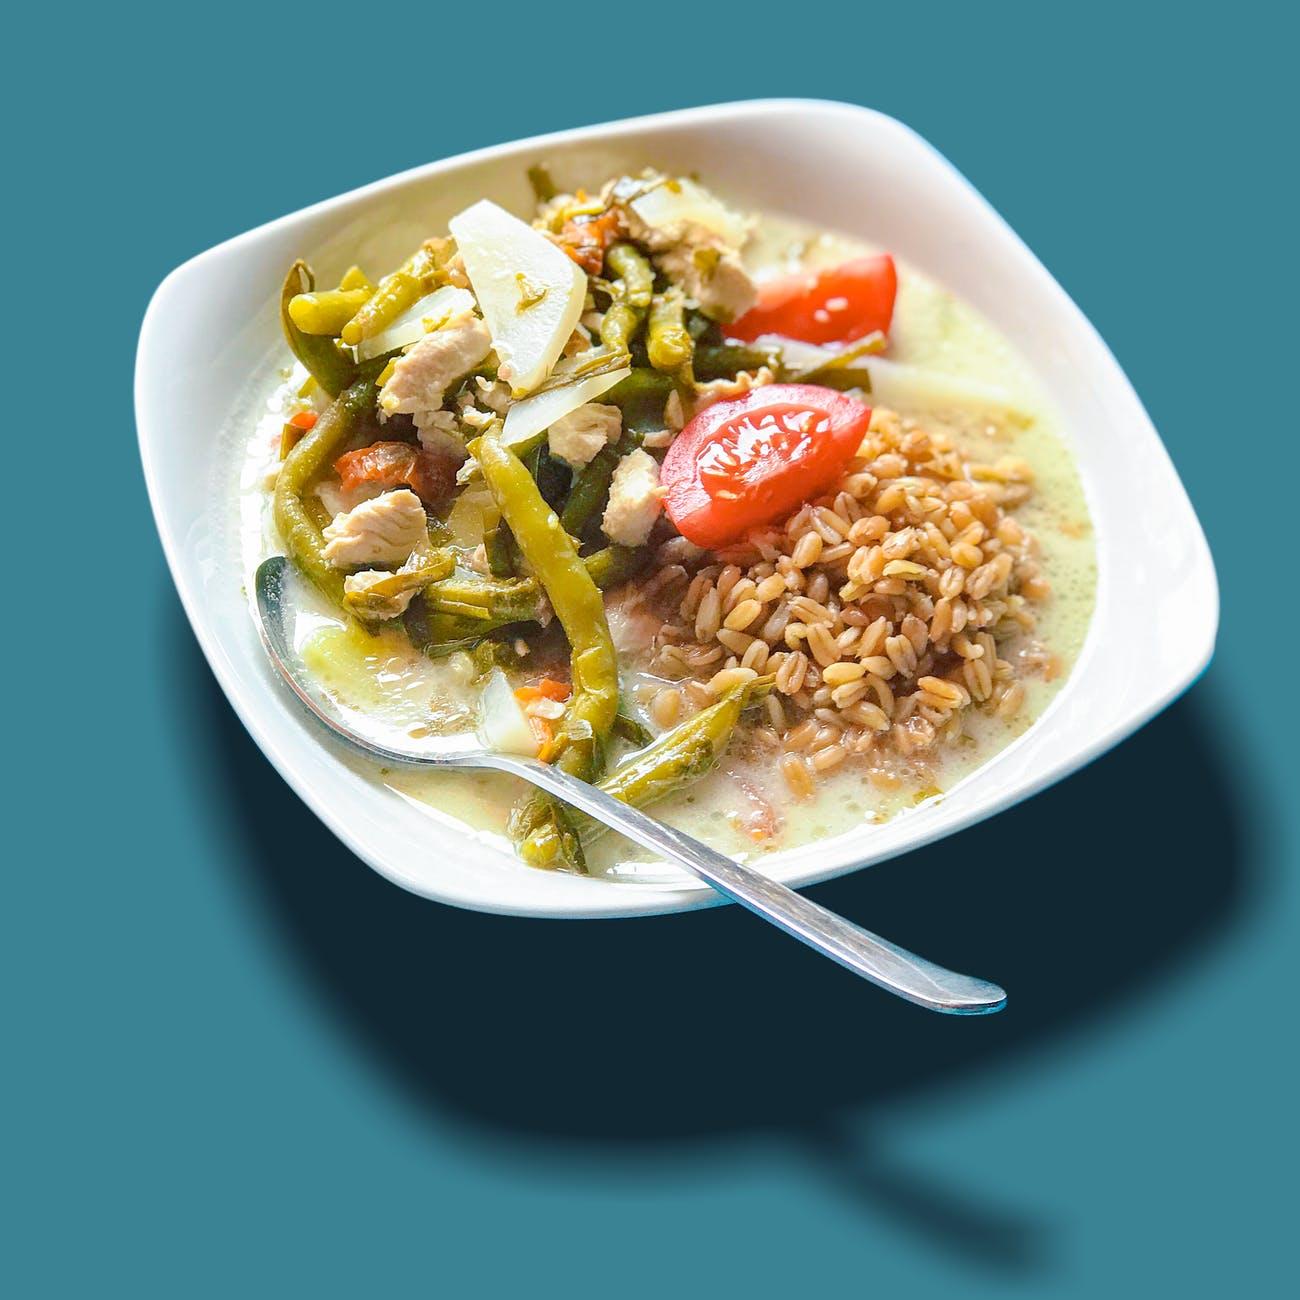 Как выбрать лучшую службу доставки здоровой еды для похудения в Самаре на 2019 год